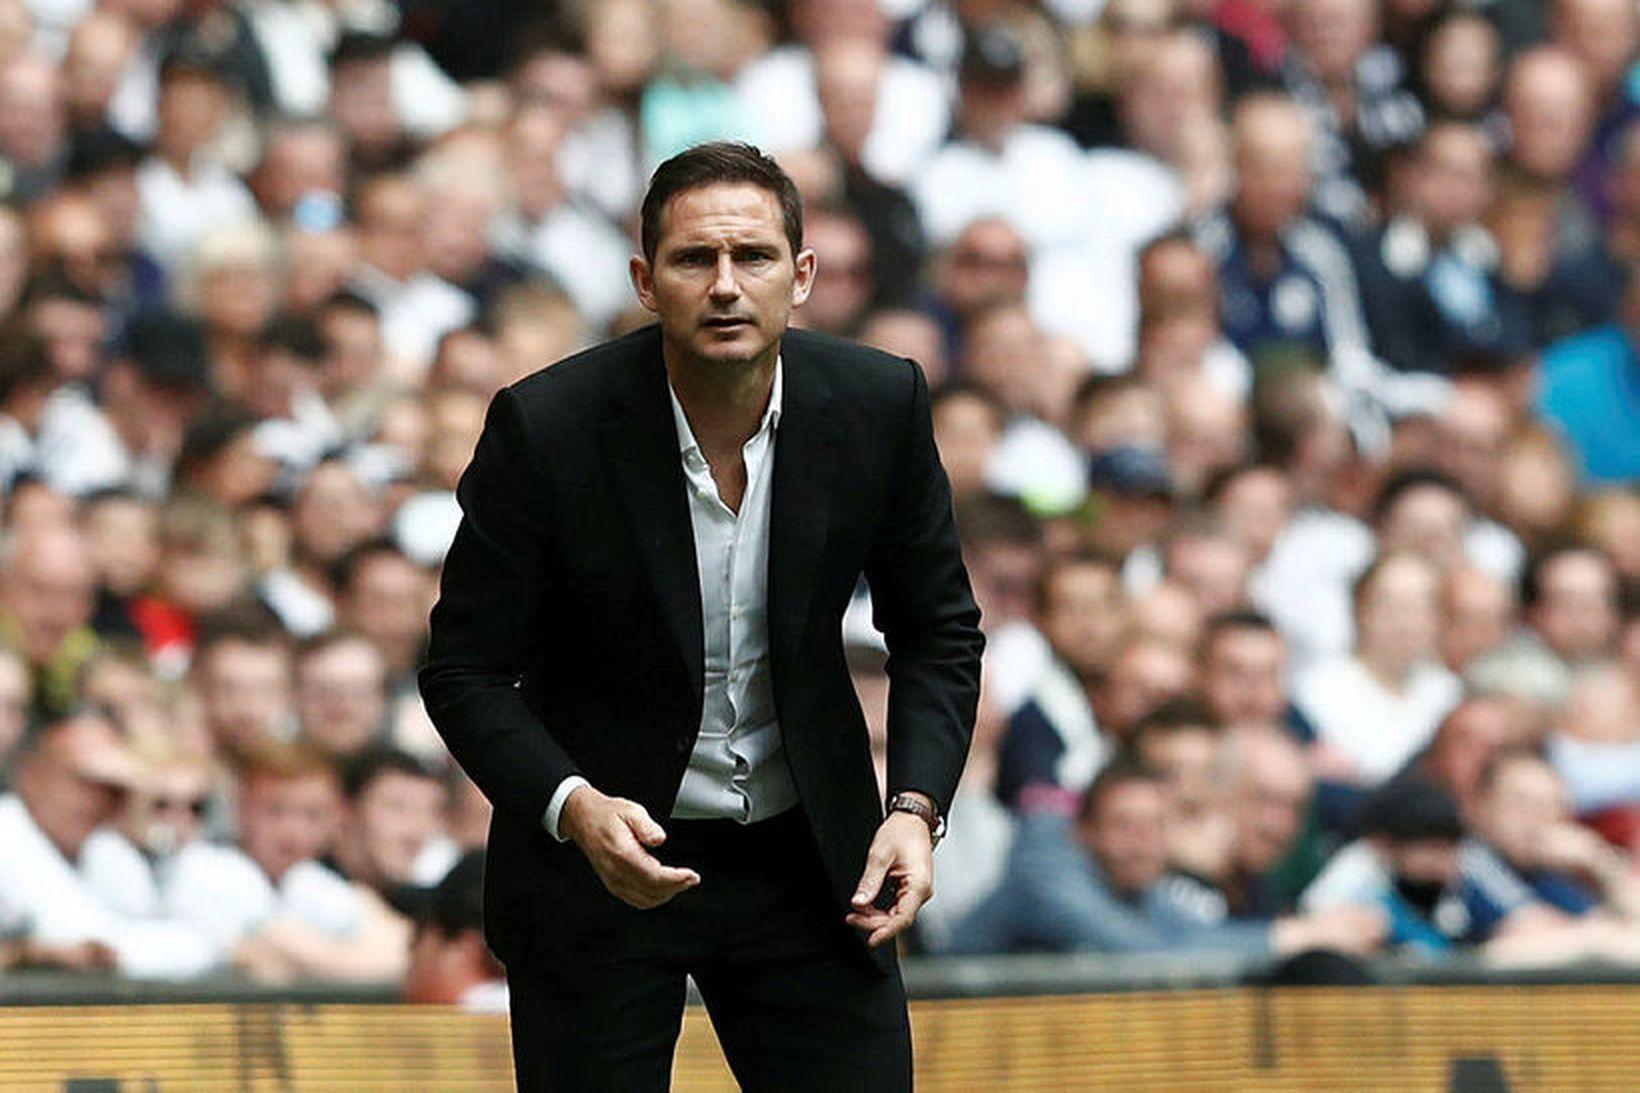 Frank Lampard er að taka við knattspyrnustjórastöðunni hjá sínu fyrrverandi …